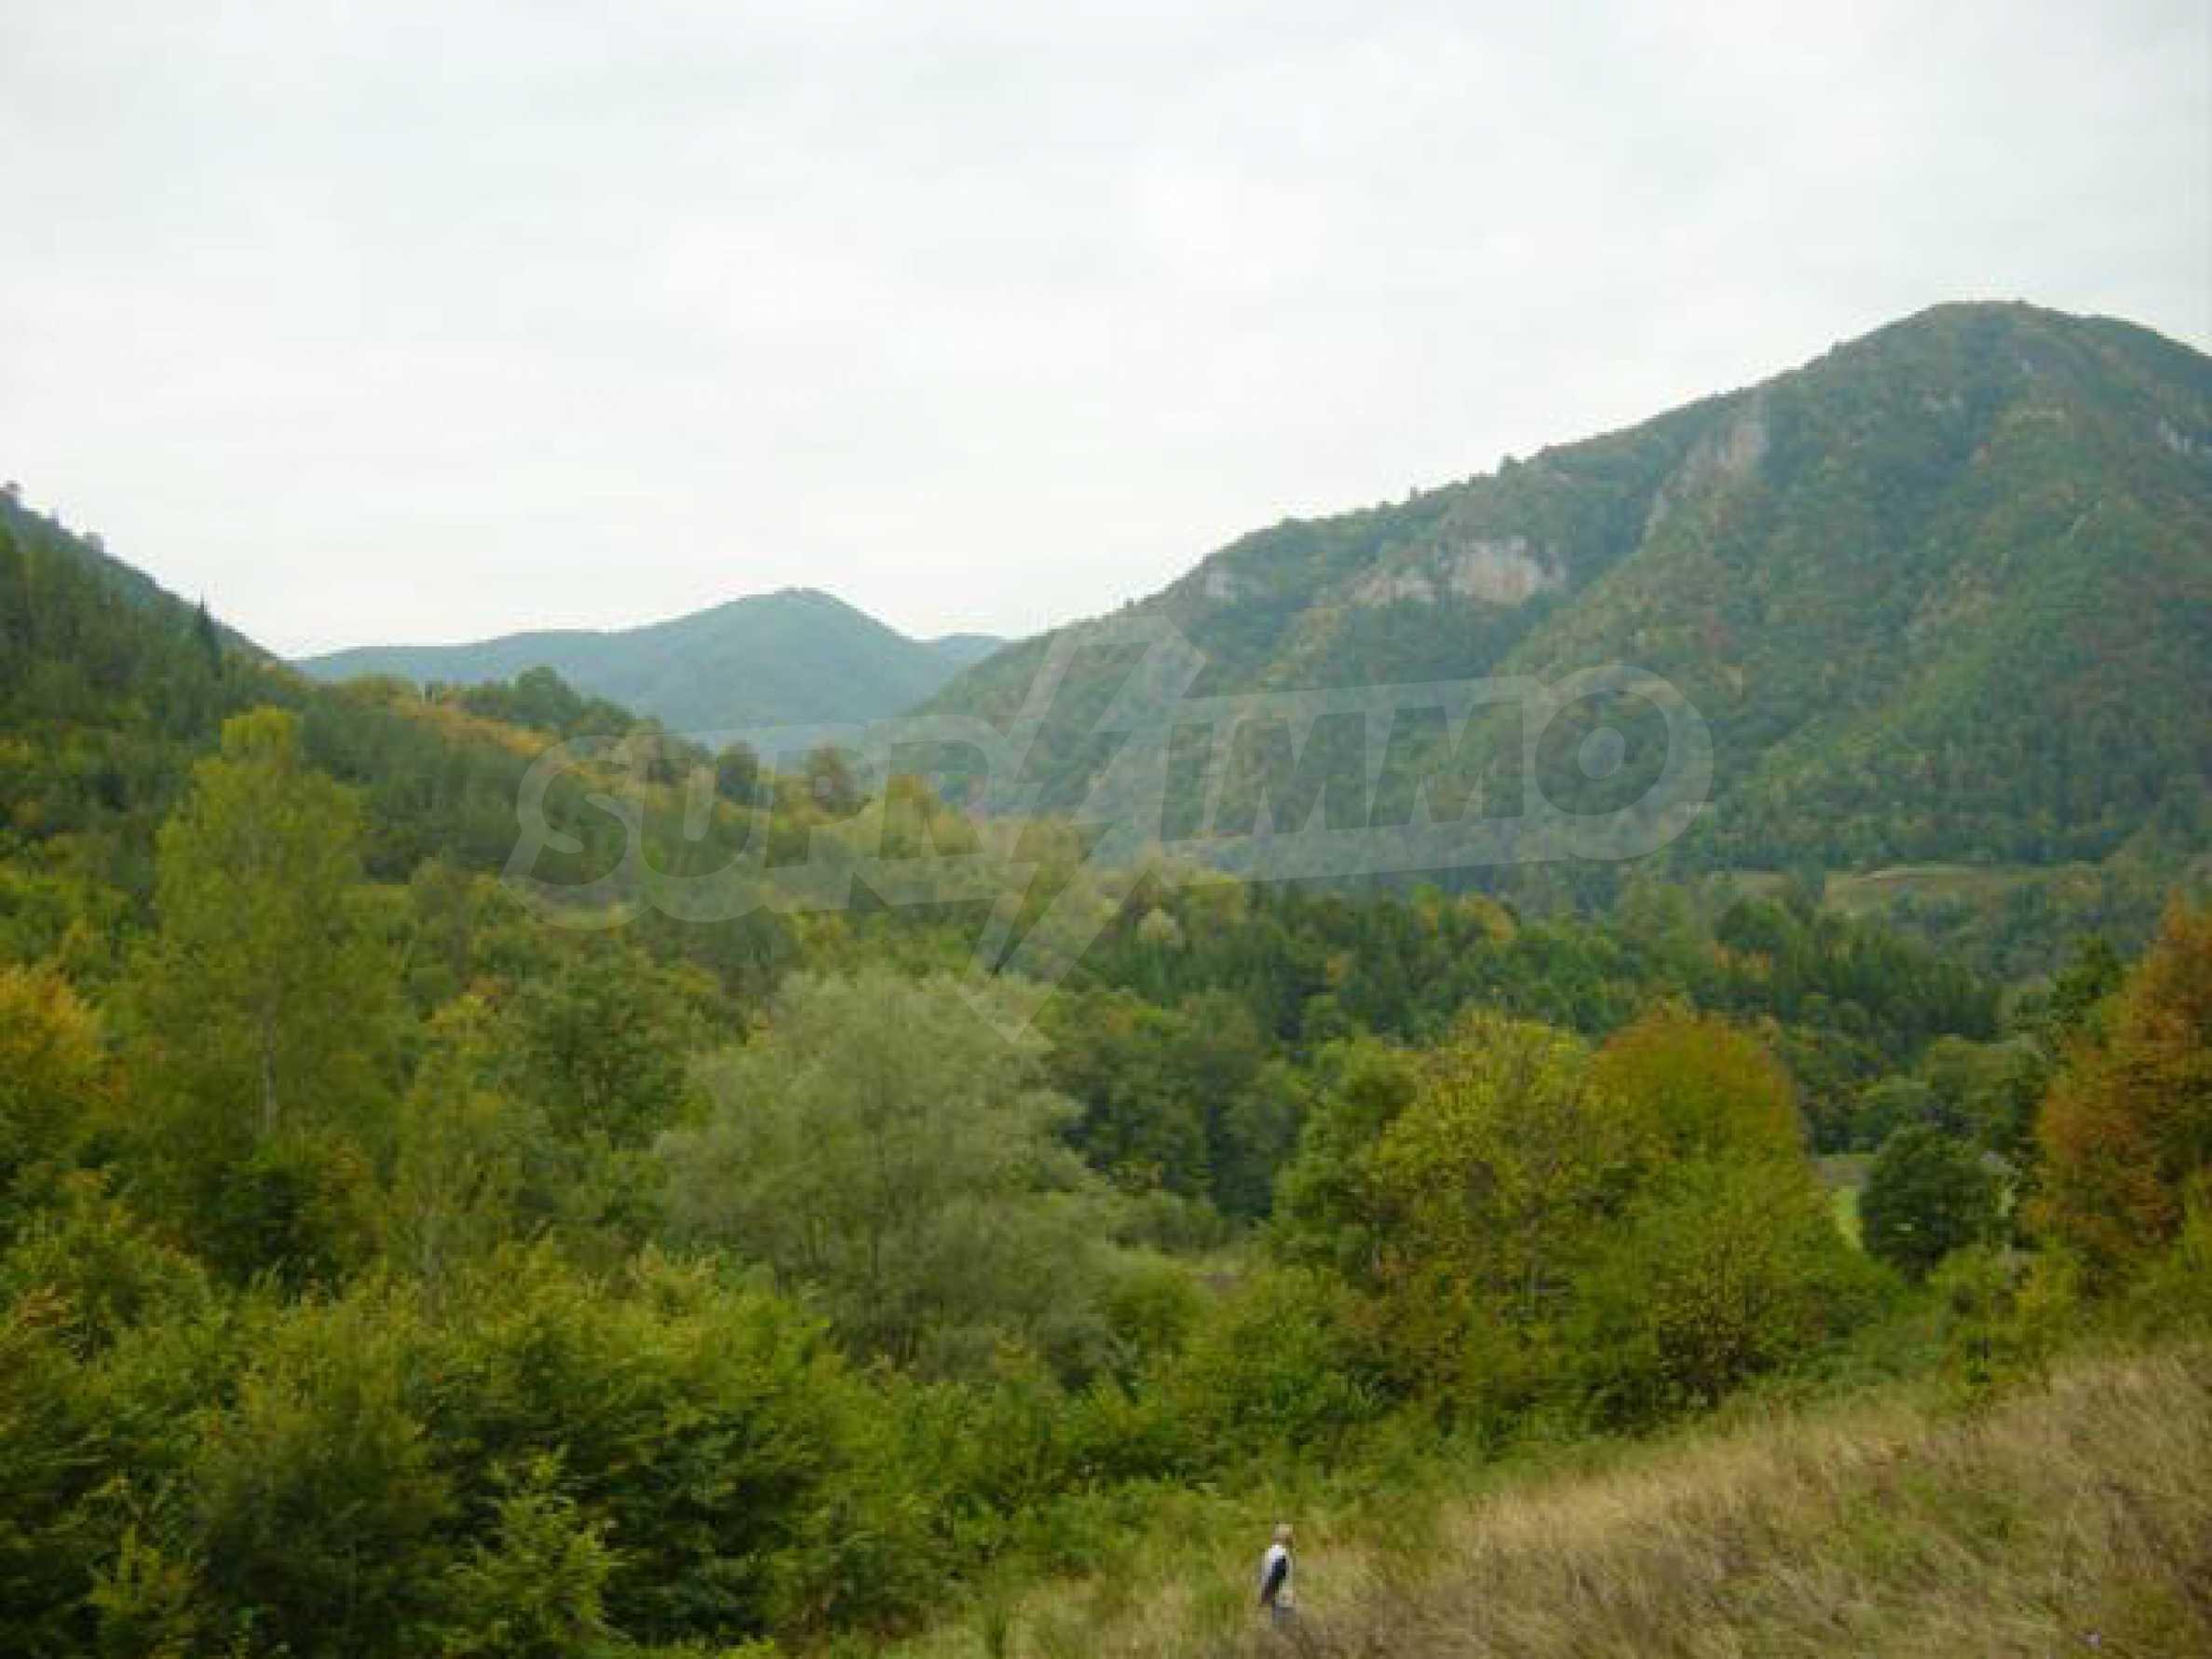 Ackerland inmitten der wunderschönen Natur des Teteven Balkan 2